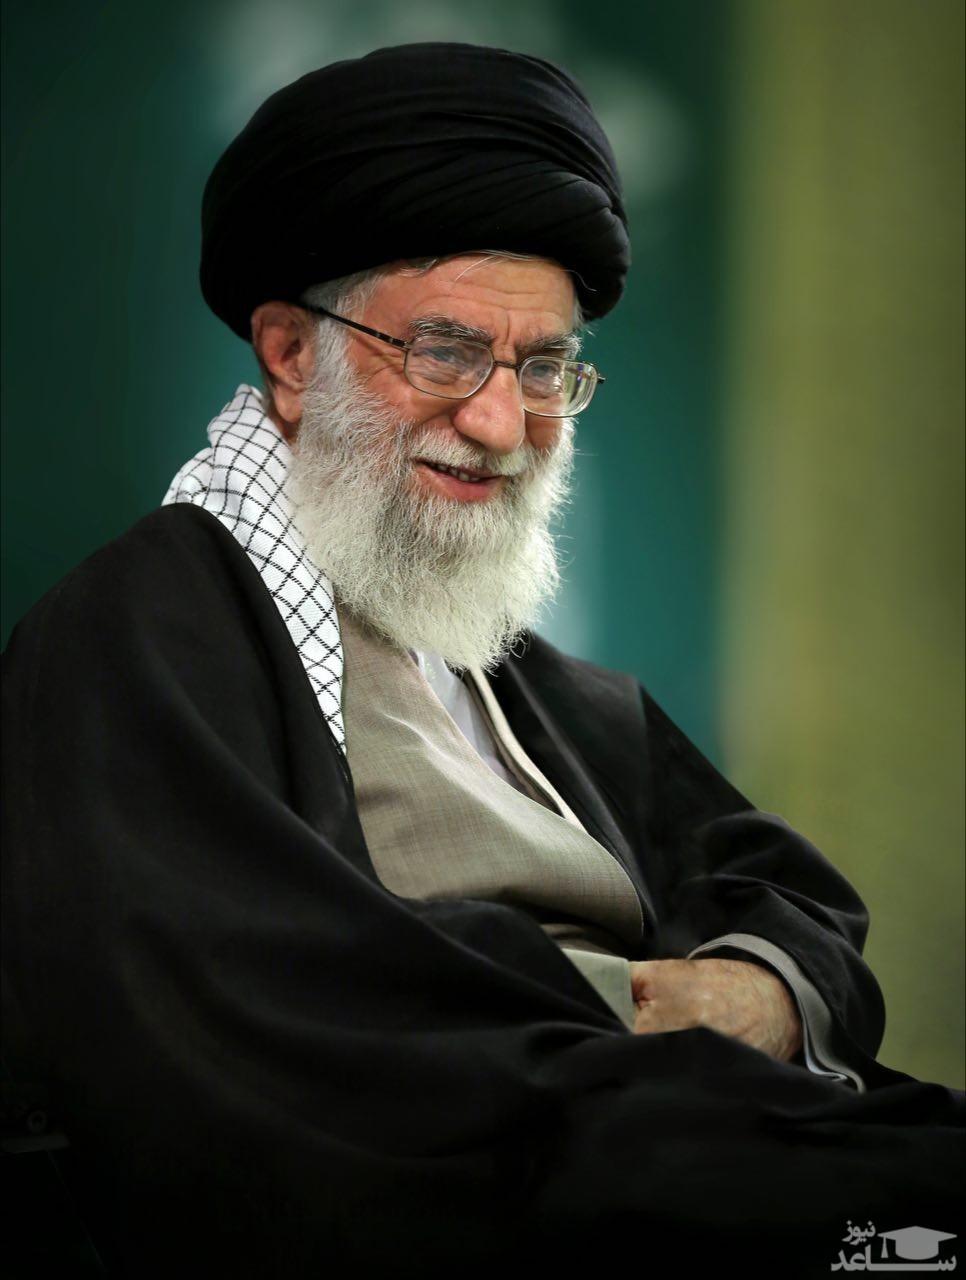 رهبر معظم انقلاب اسلامی: بسیج یادگار بزرگ و درخشان امام راحل و مظهر اقتدار ملی